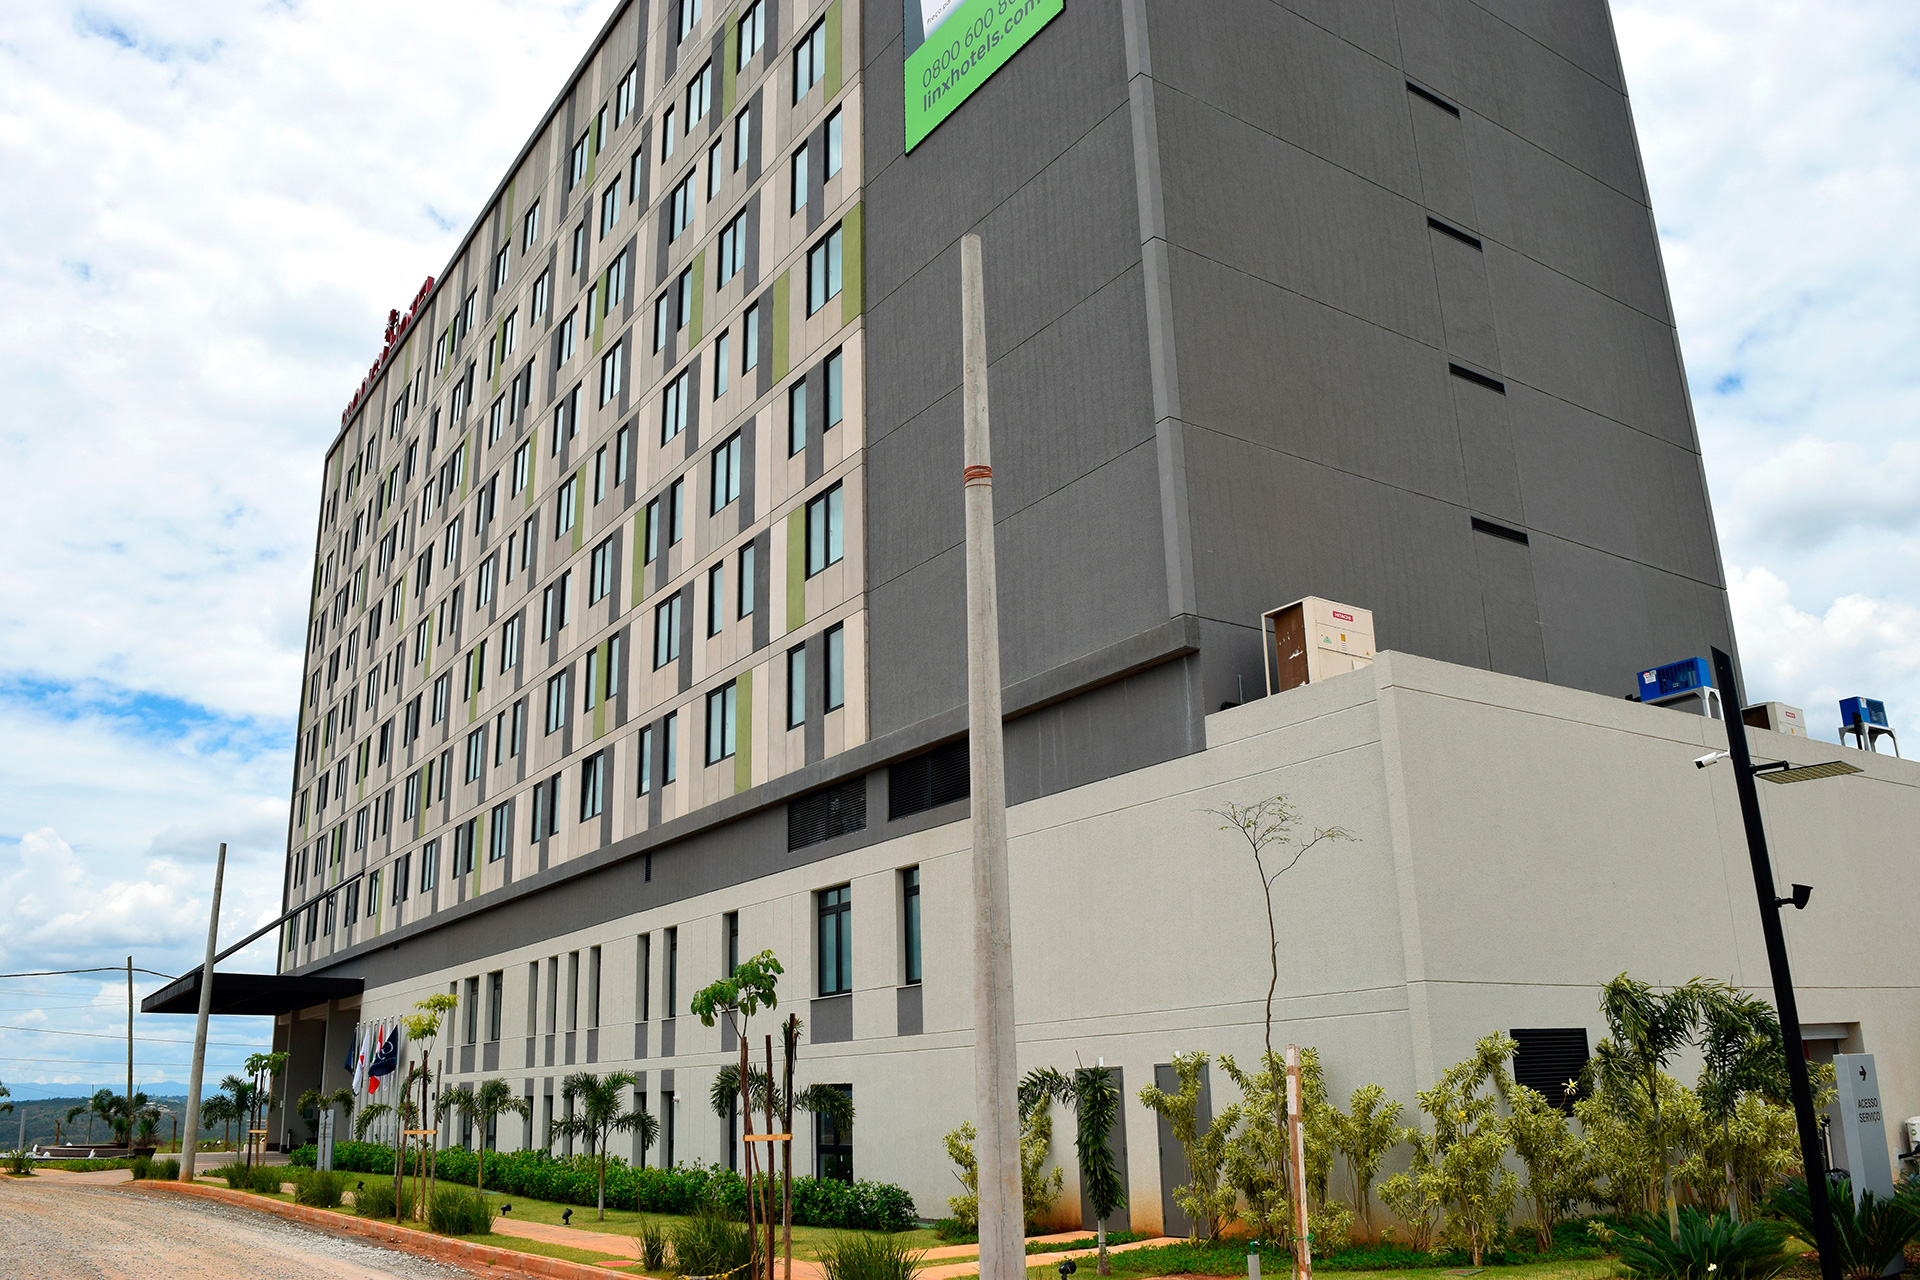 Hotel GJP Confins